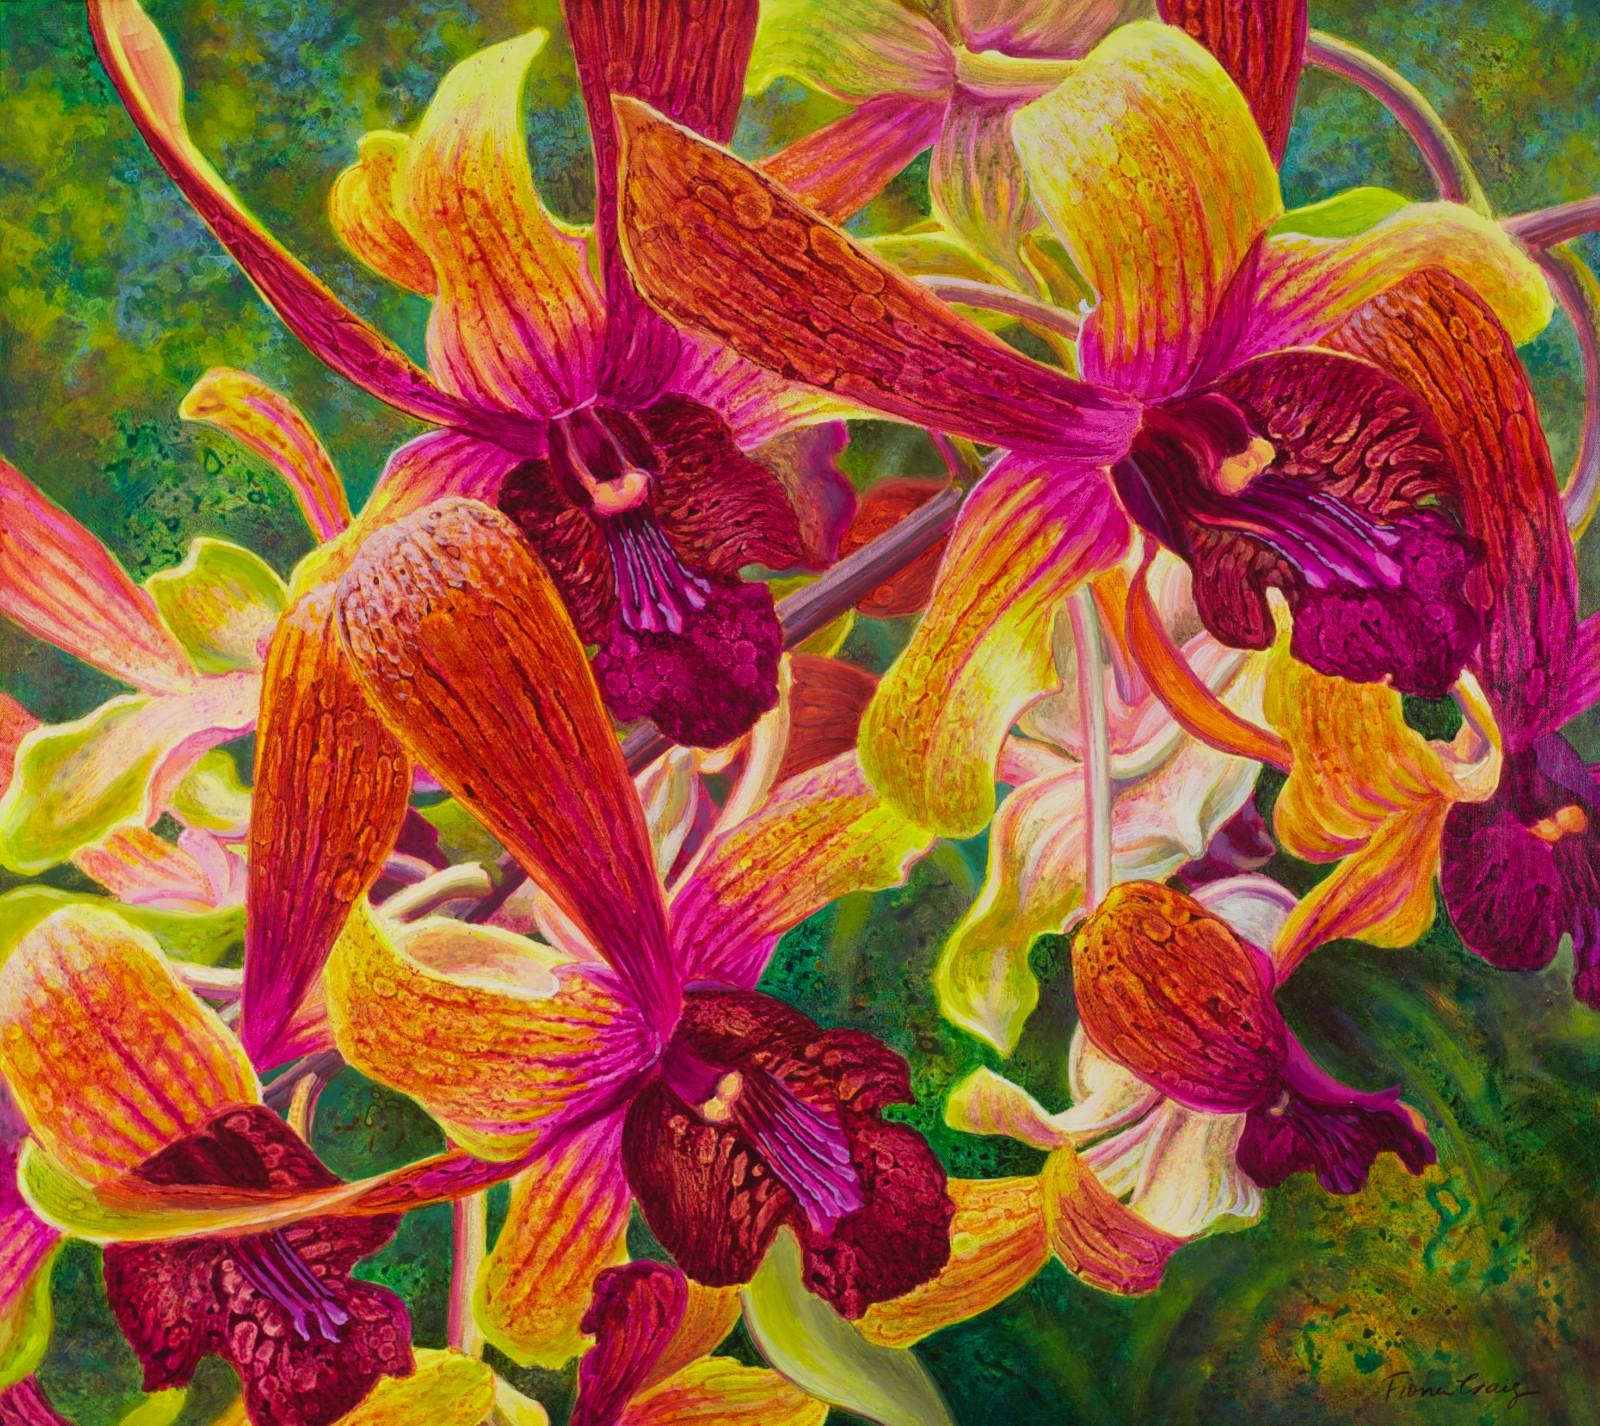 Fiona Craig 'Dance of the Dendrobiums' 91cm x 102cm #13841